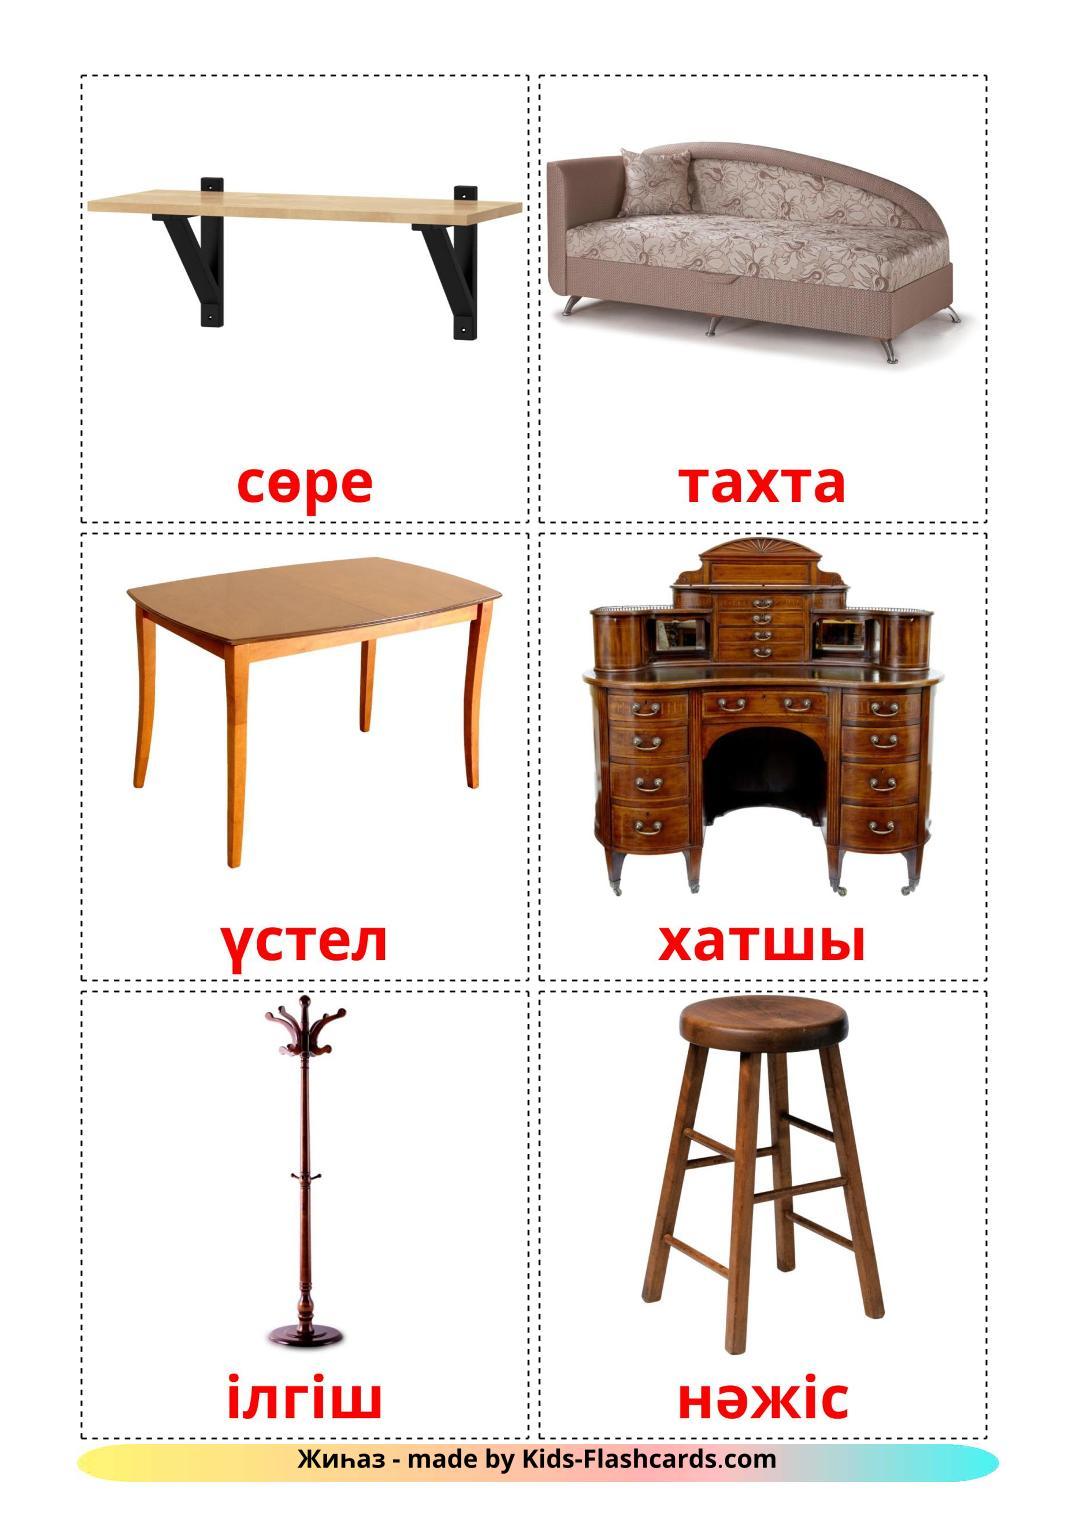 Furniture - 31 Free Printable kazakh Flashcards